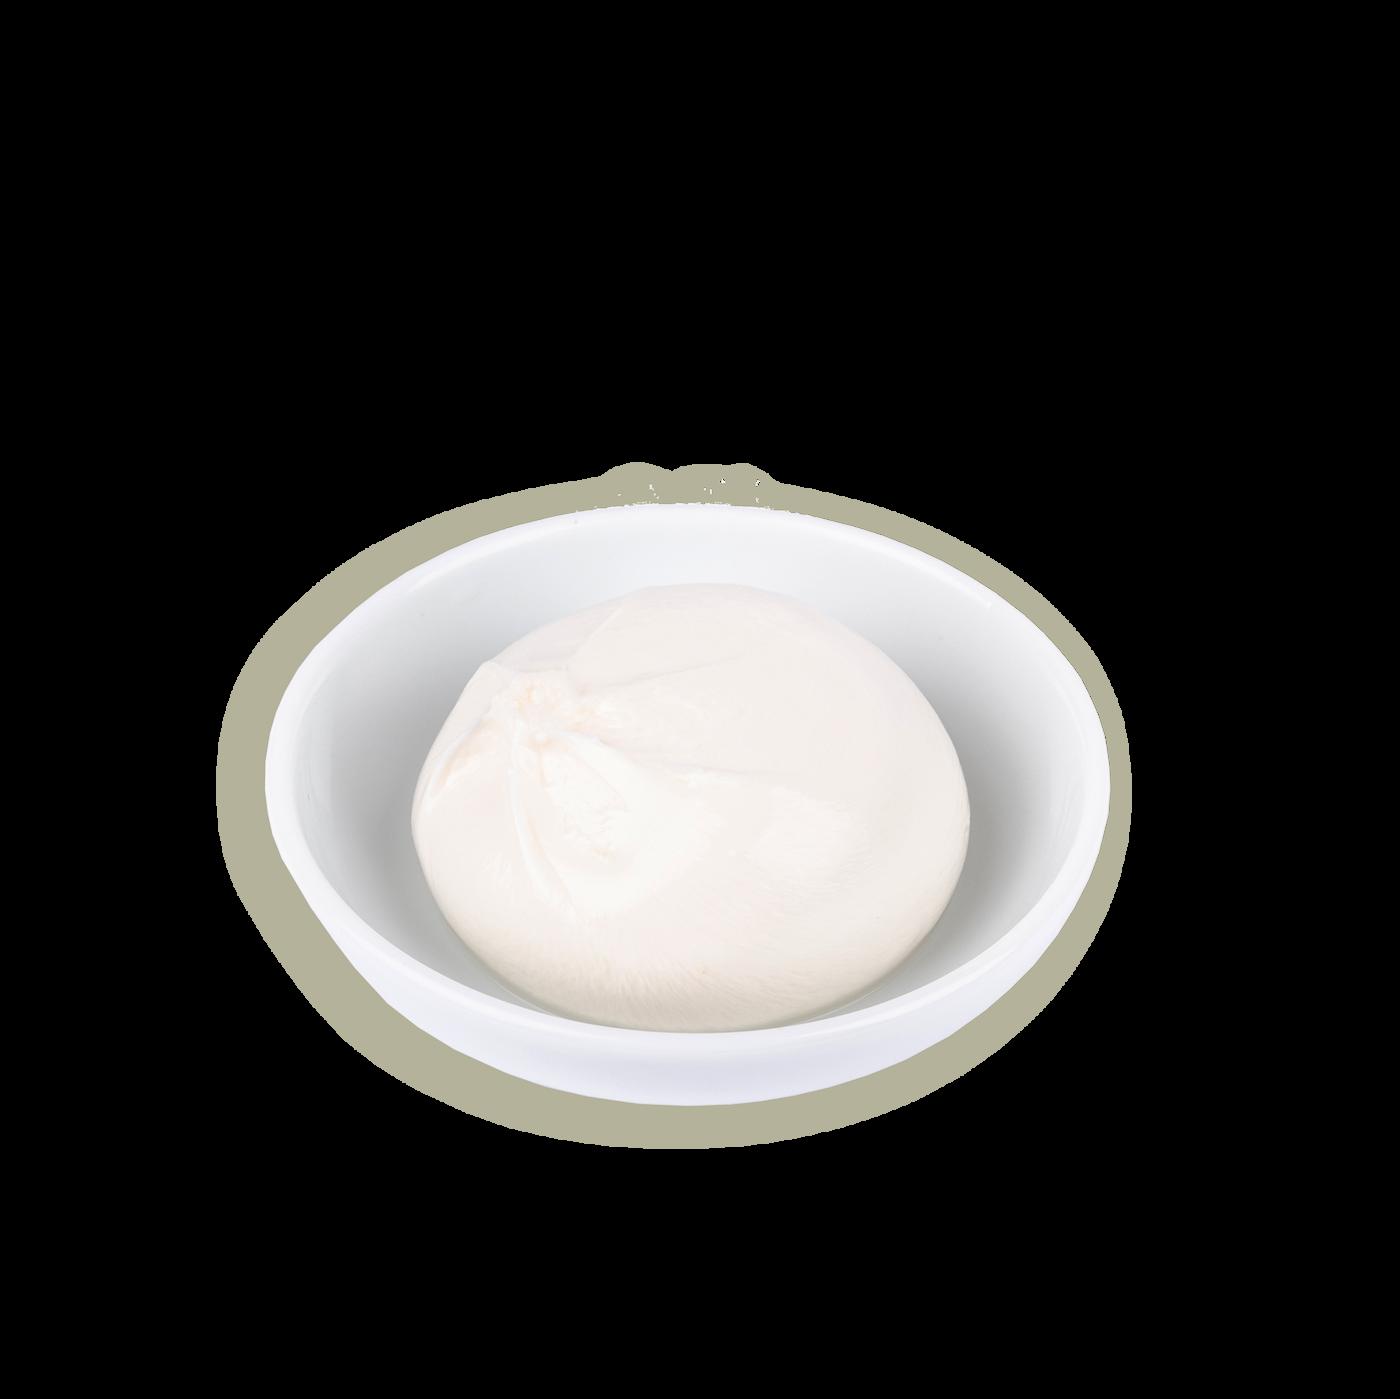 Burratina Senza Testa Secchiello